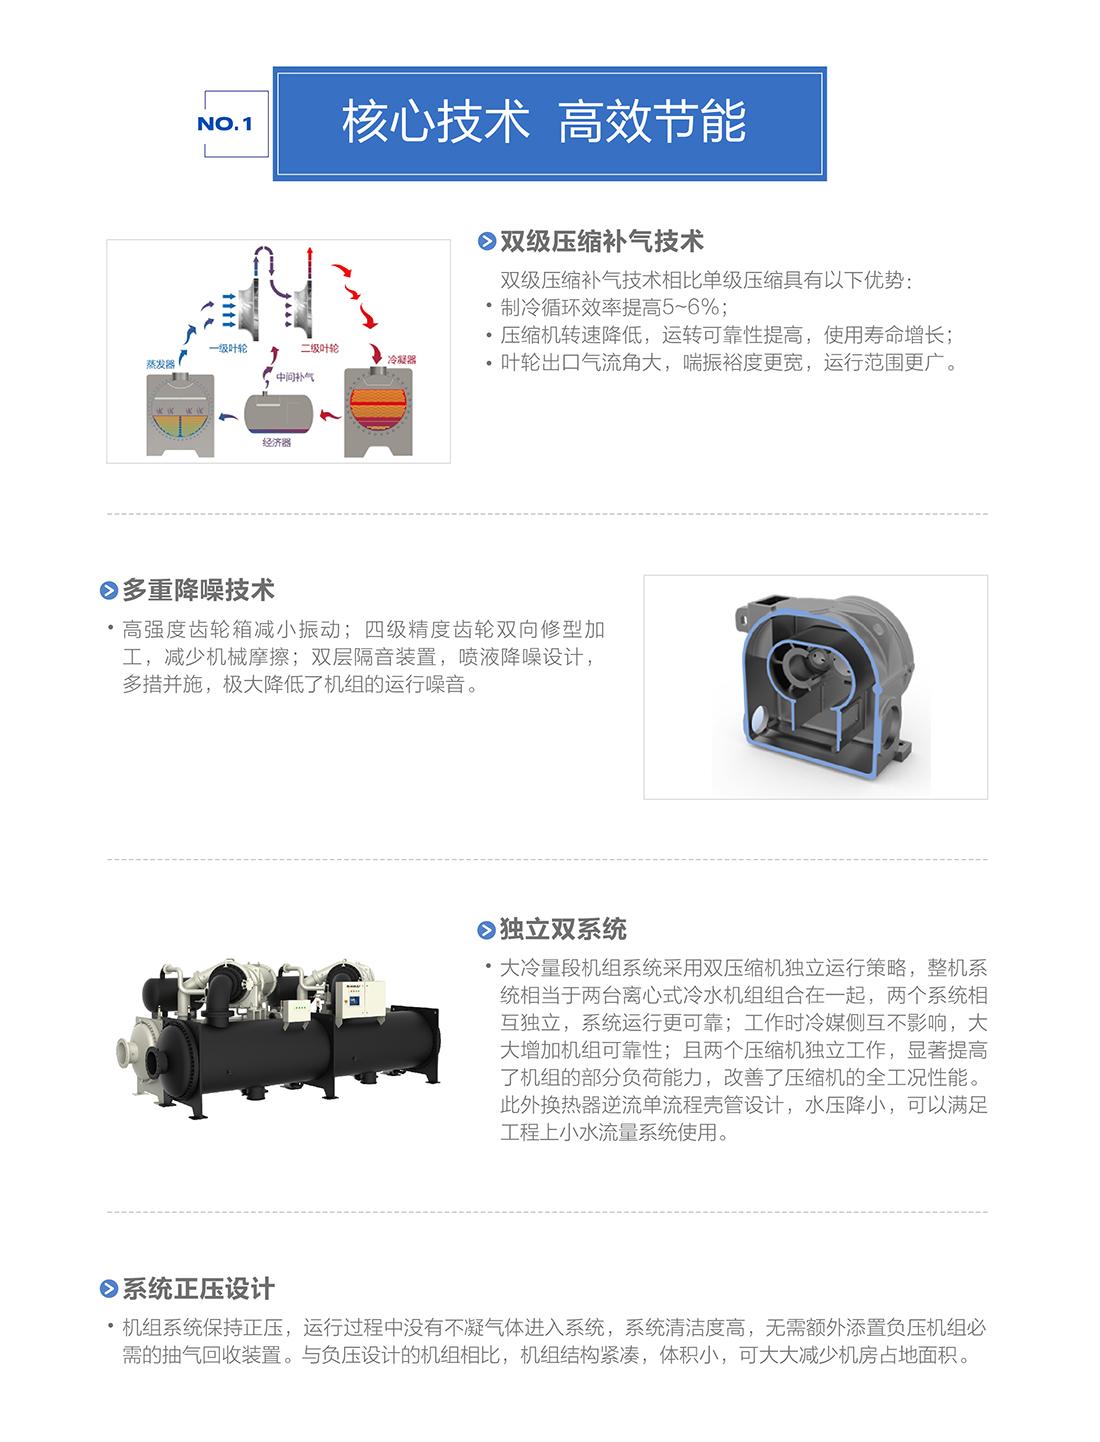 CE系列离心式水冷冷水机组